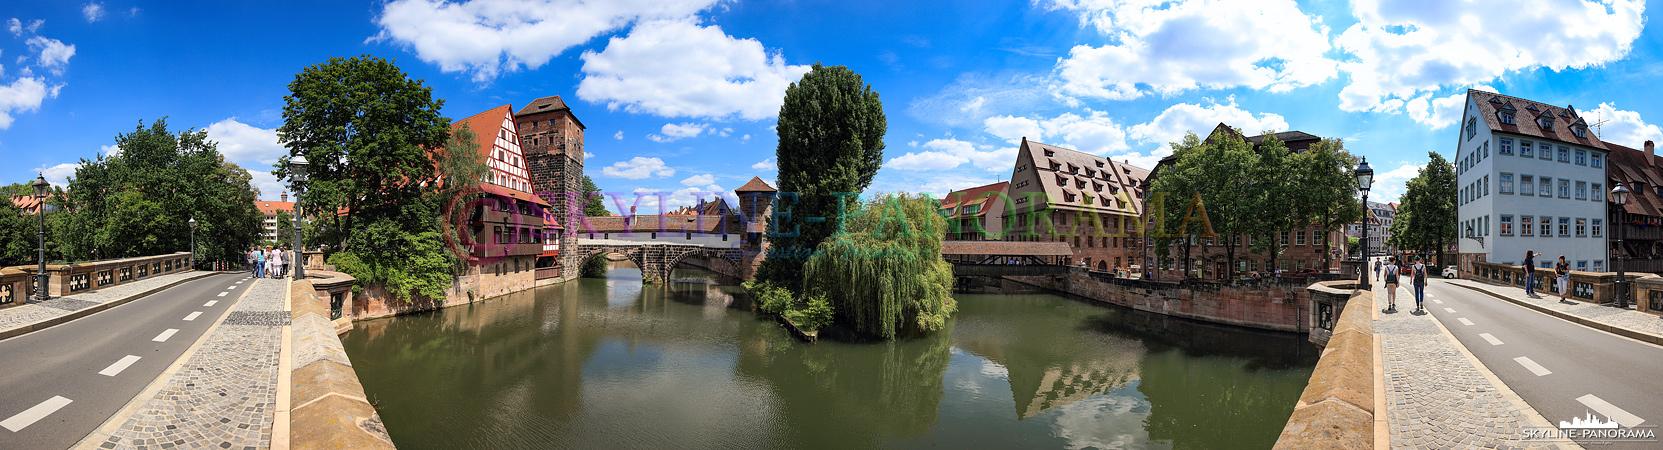 Panorama Pegnitz - Das Panorama von der Maxbrücke aus auf den bekannten Nürnberger Weinstadel und den historischen Henkersteg.